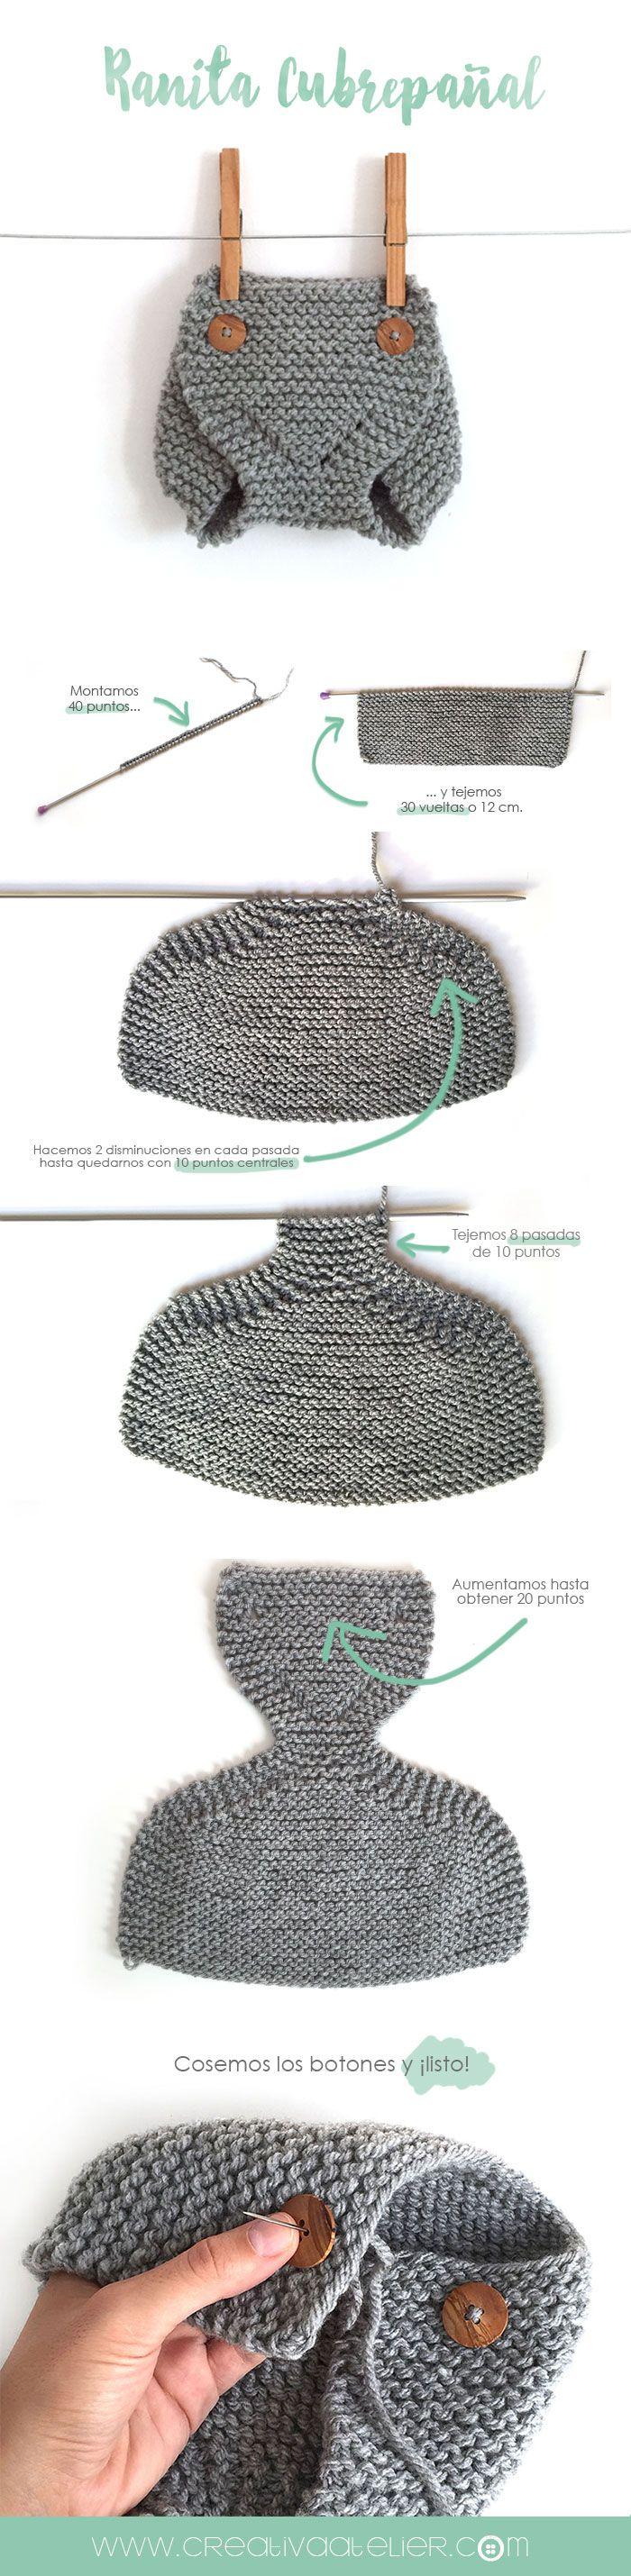 Cómo tejer una ranita cubrepañal de punto -DIY | Creativa atelier ...